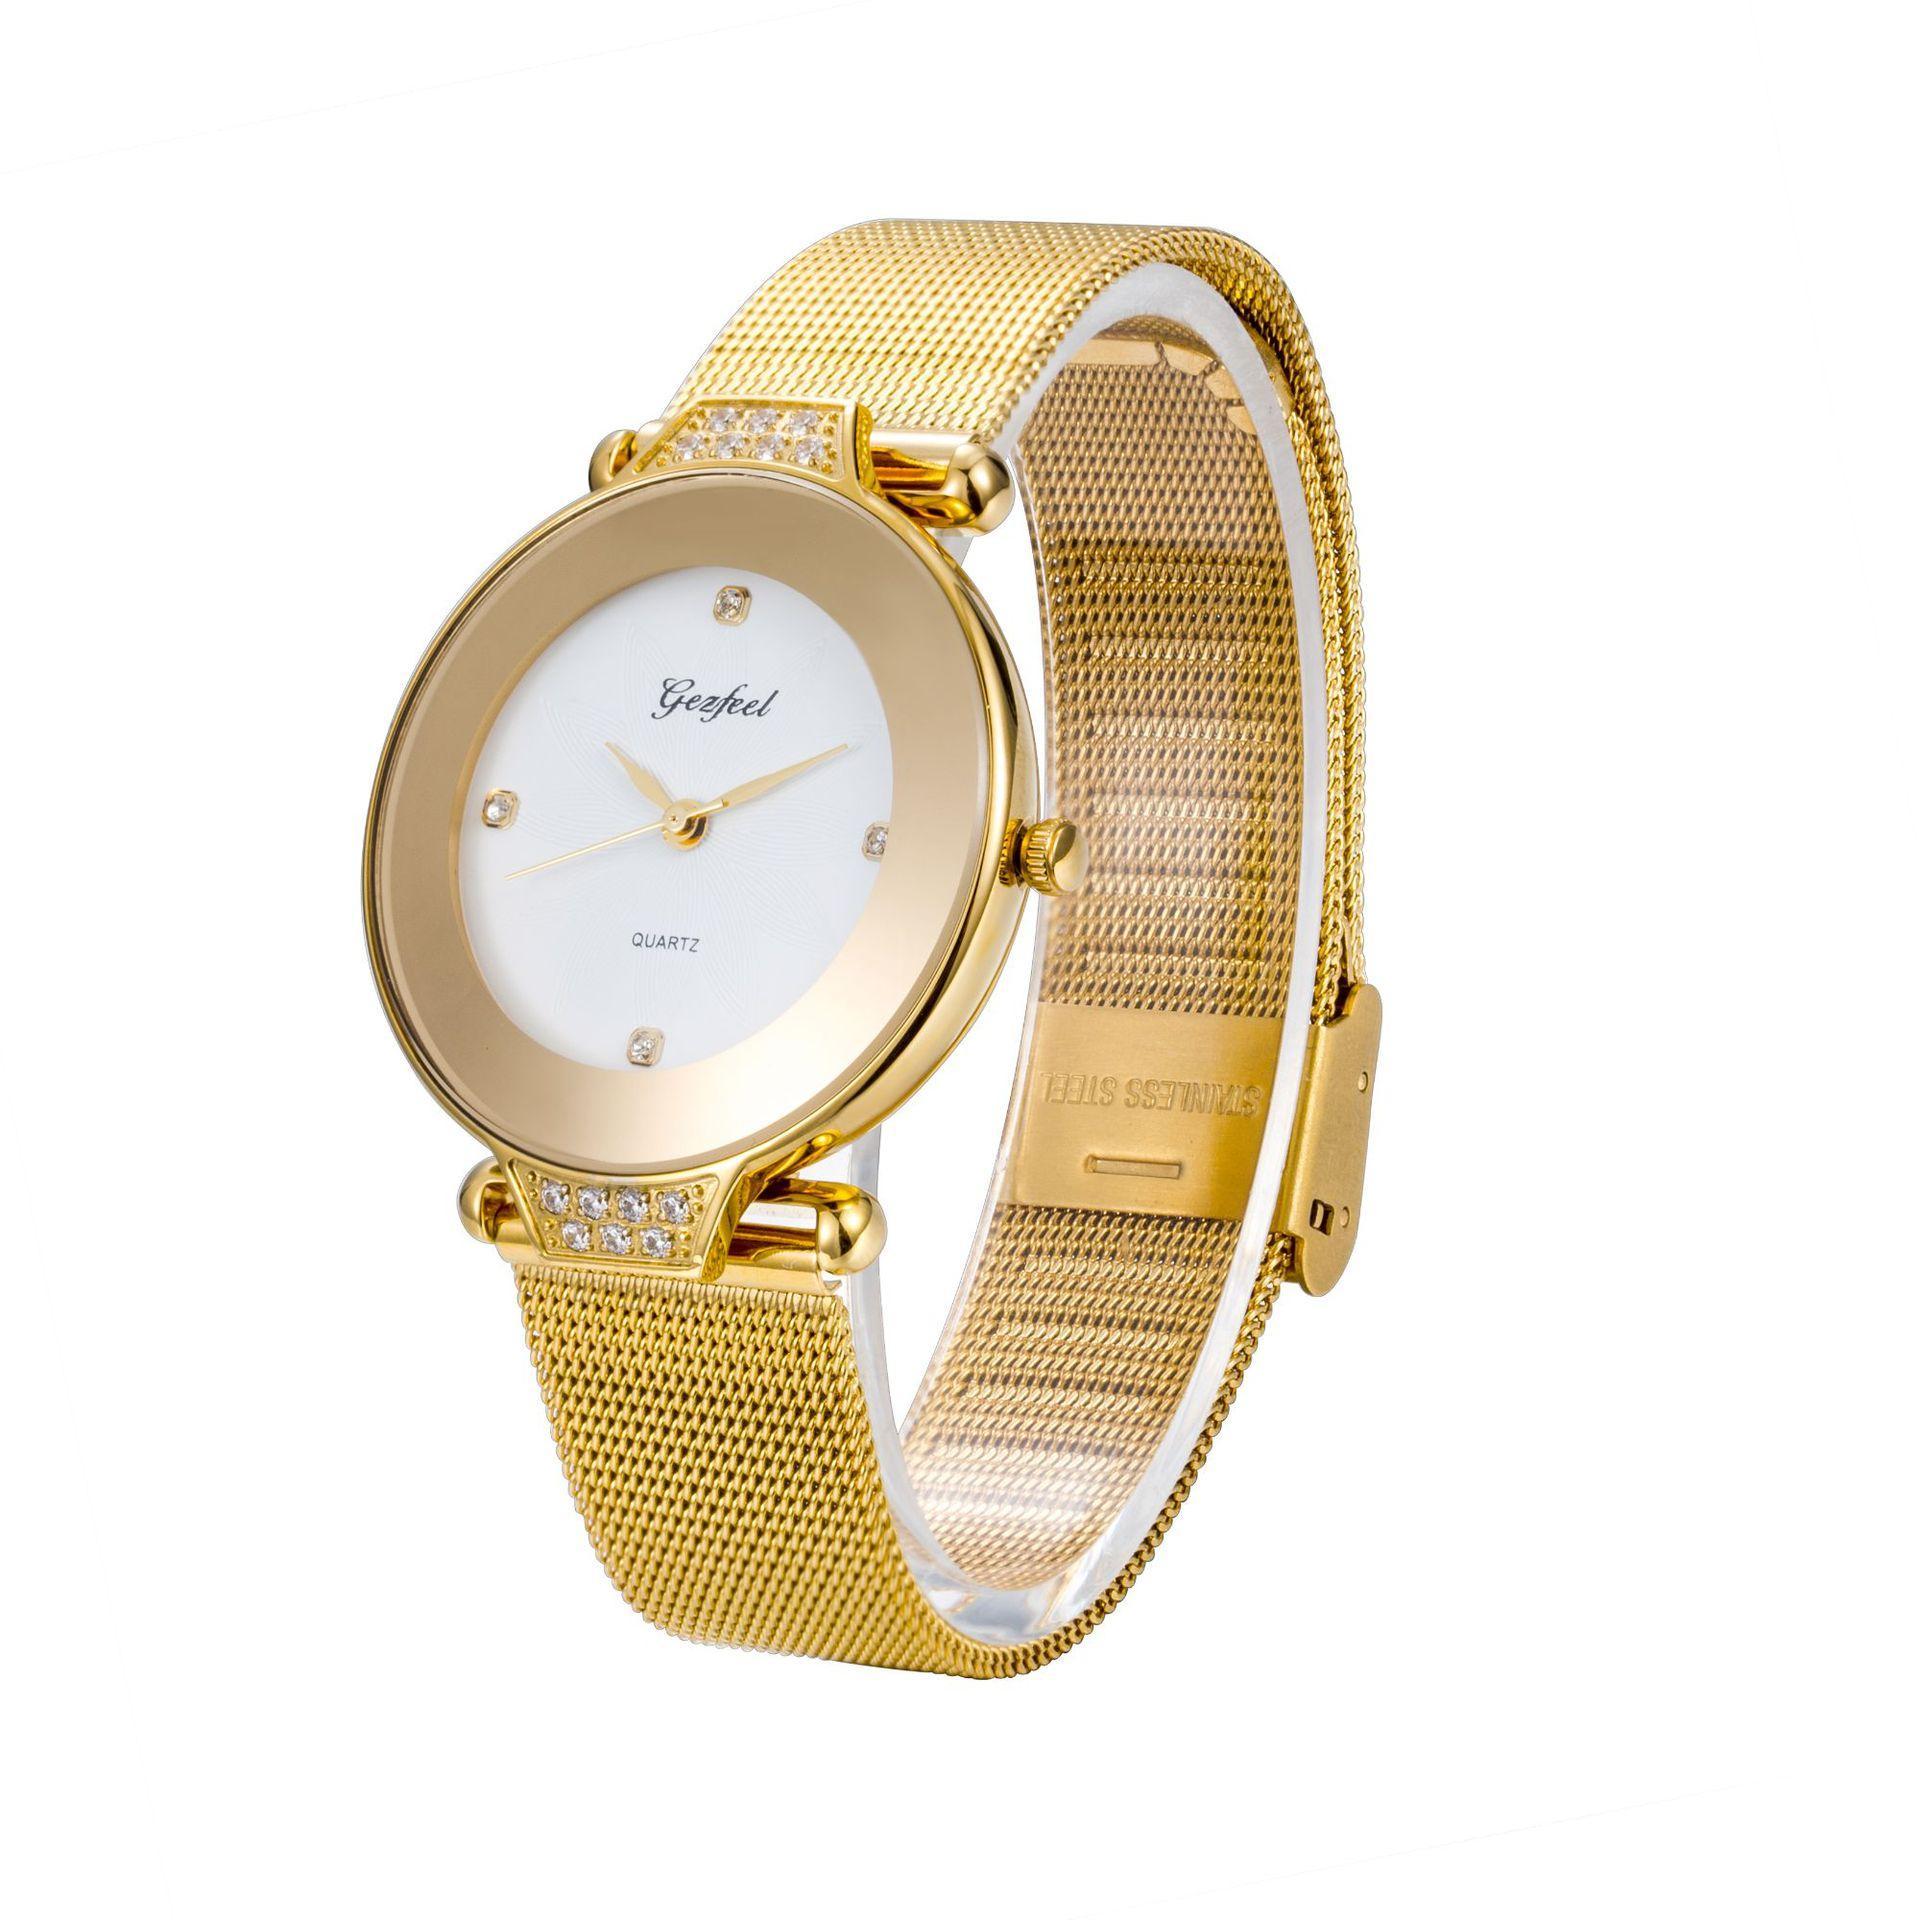 Чем украсить наручные часы купить часы 59 чп